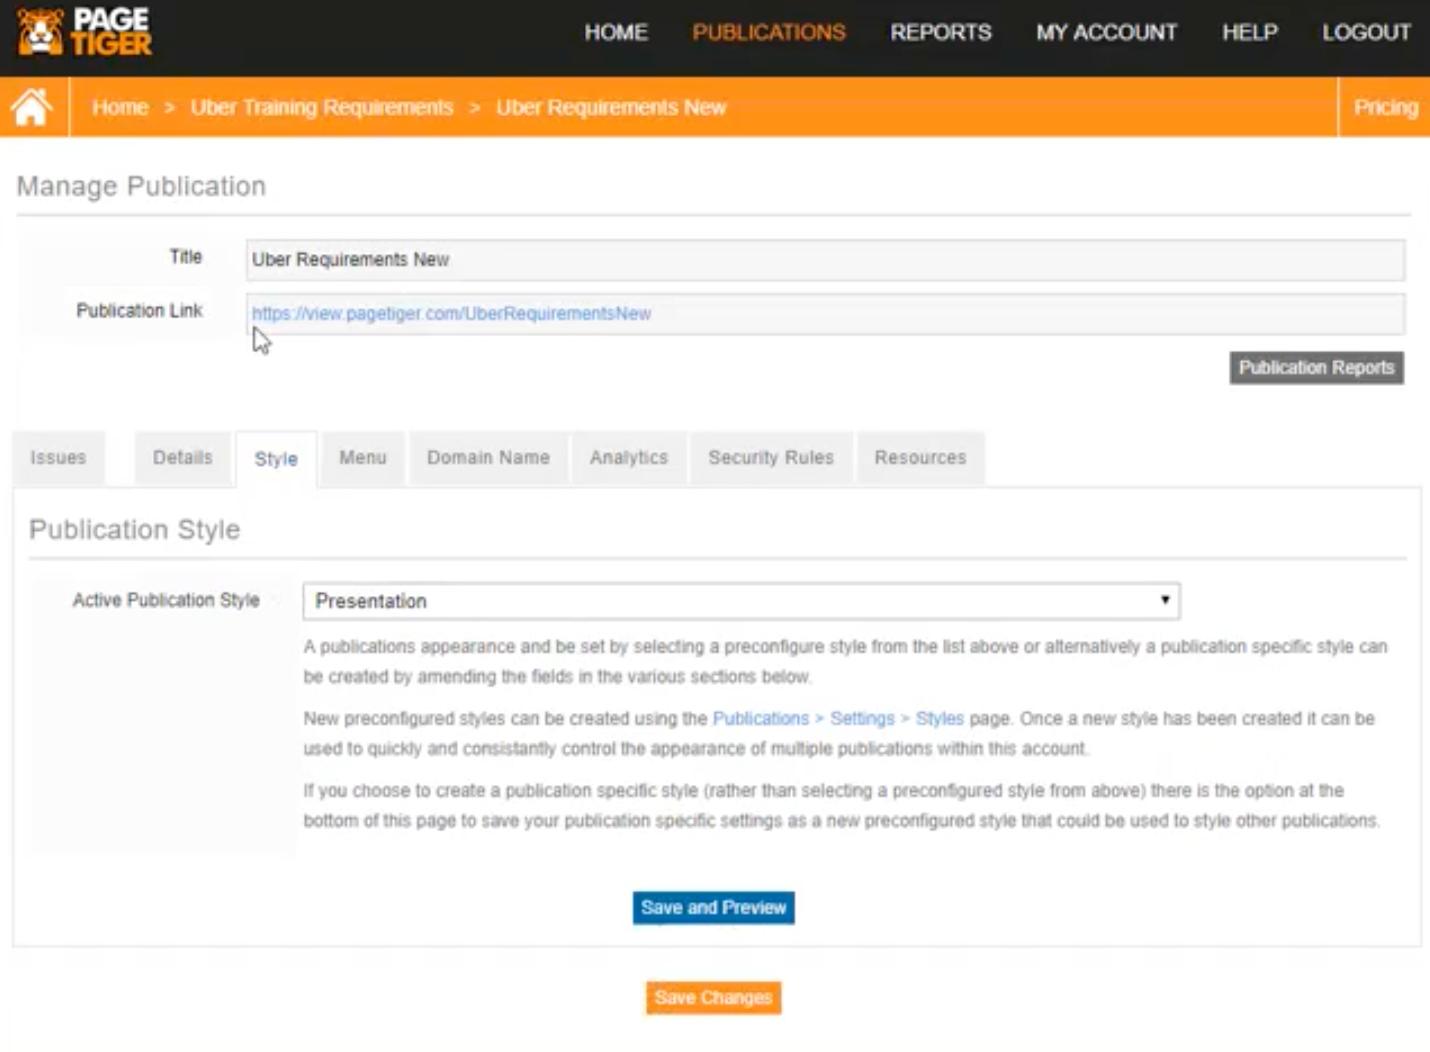 PageTiger manage publication